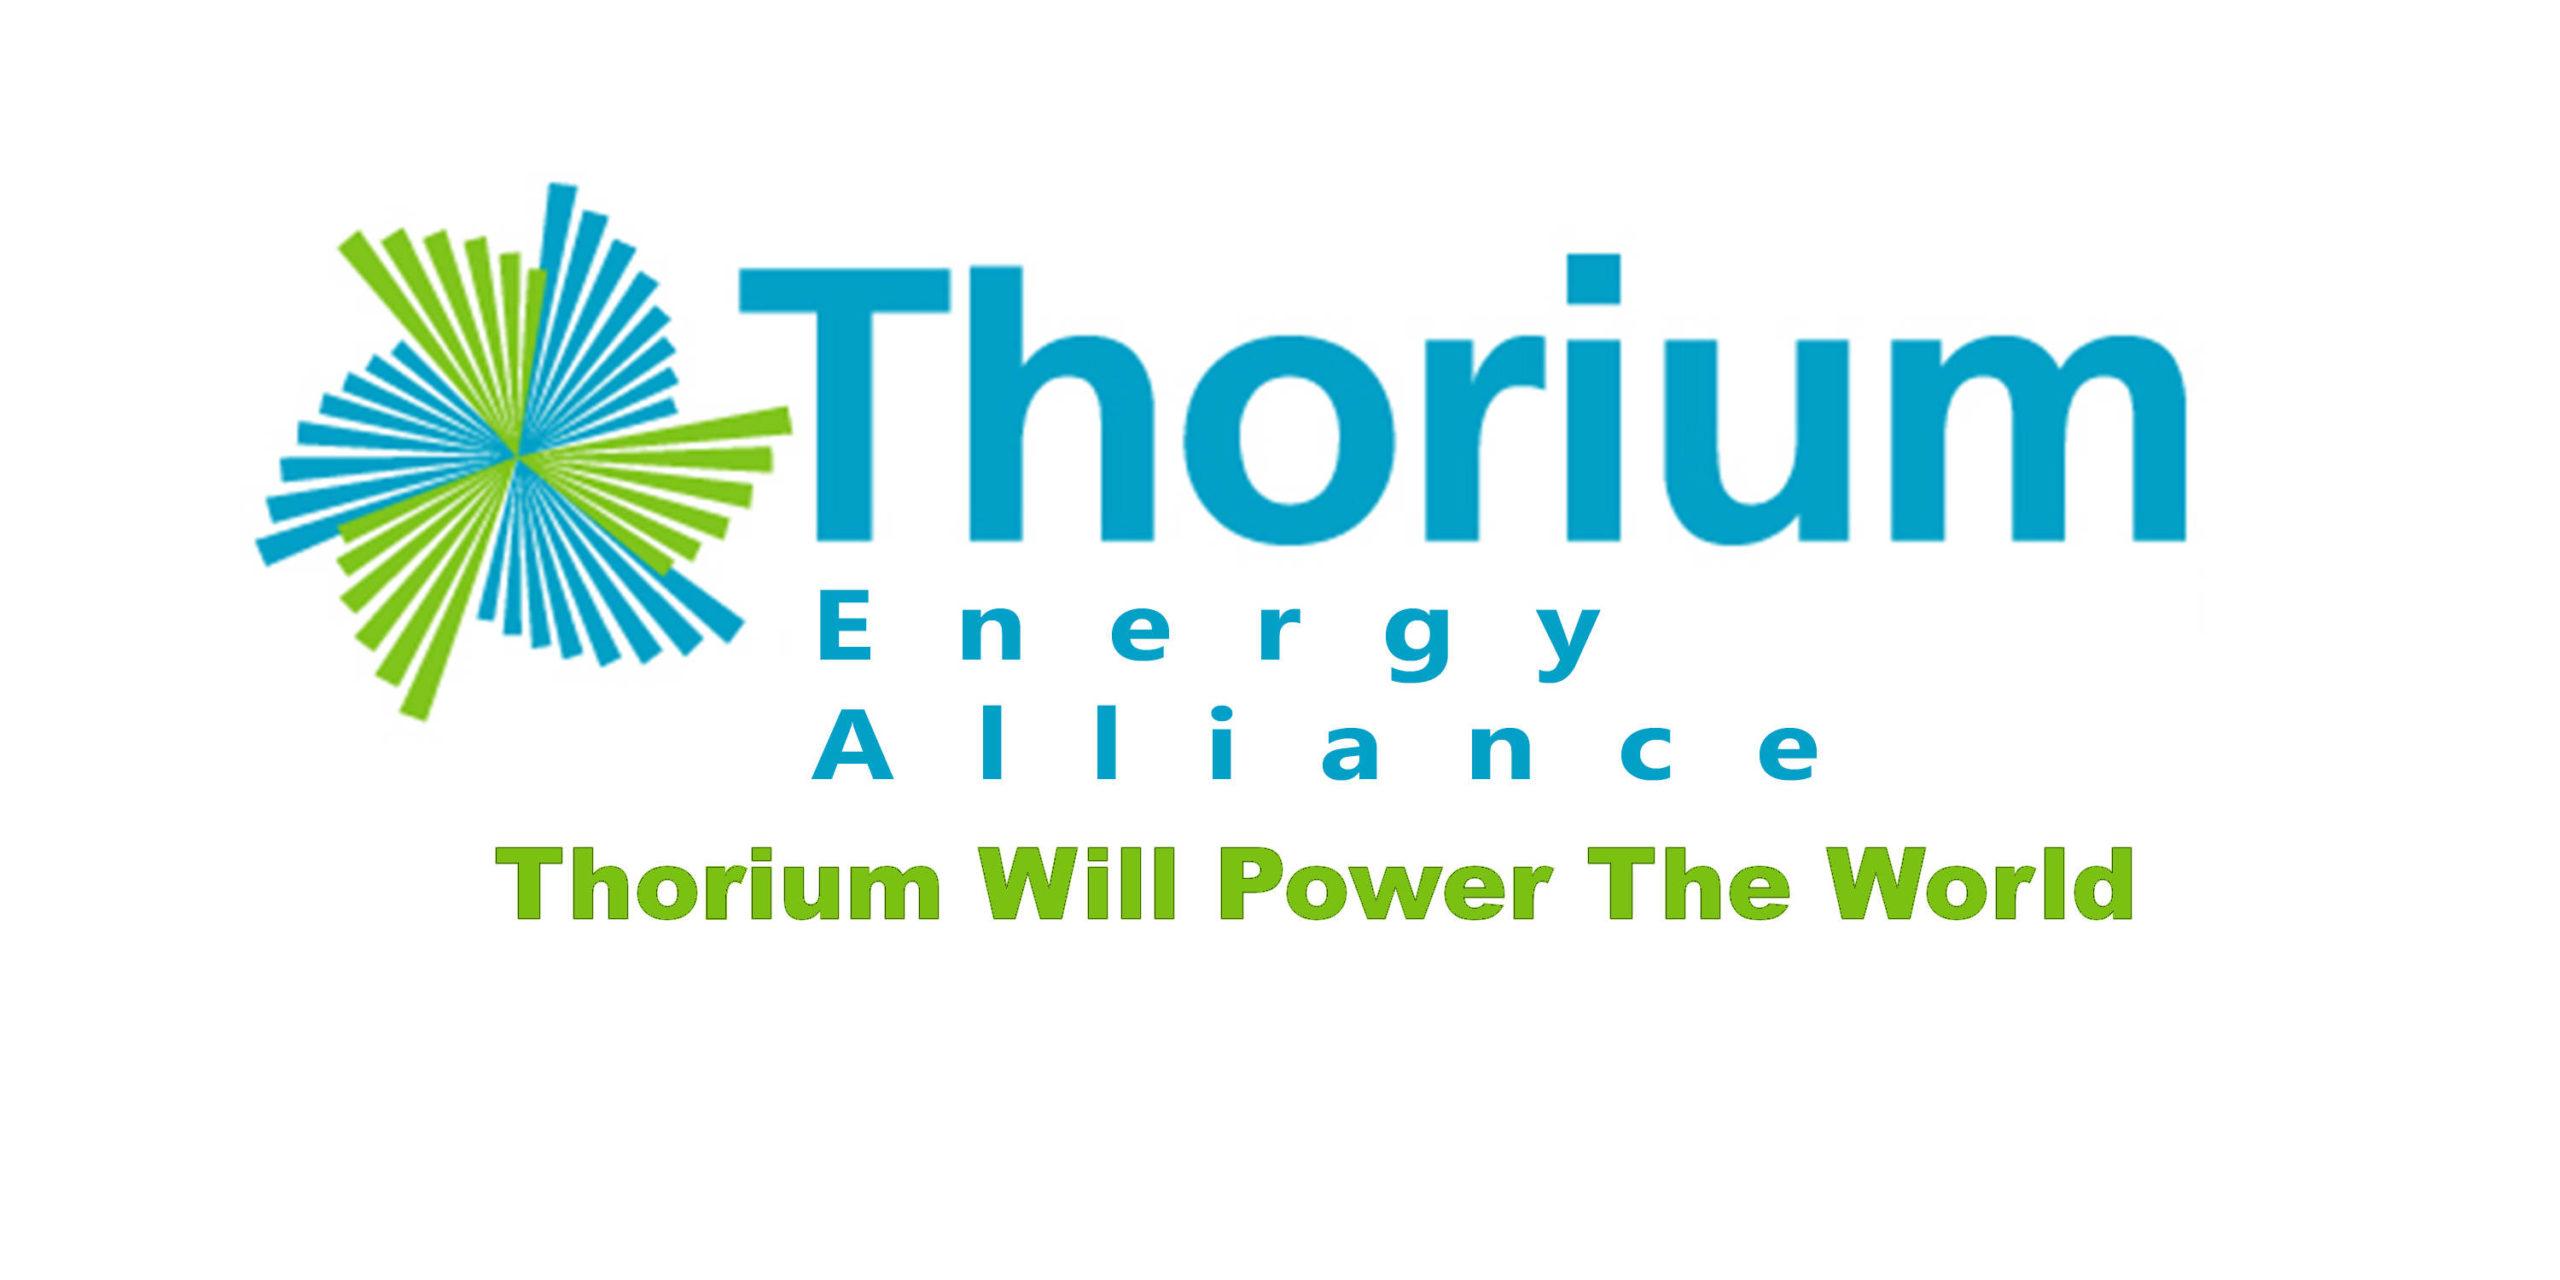 Thorium Energy Alliance